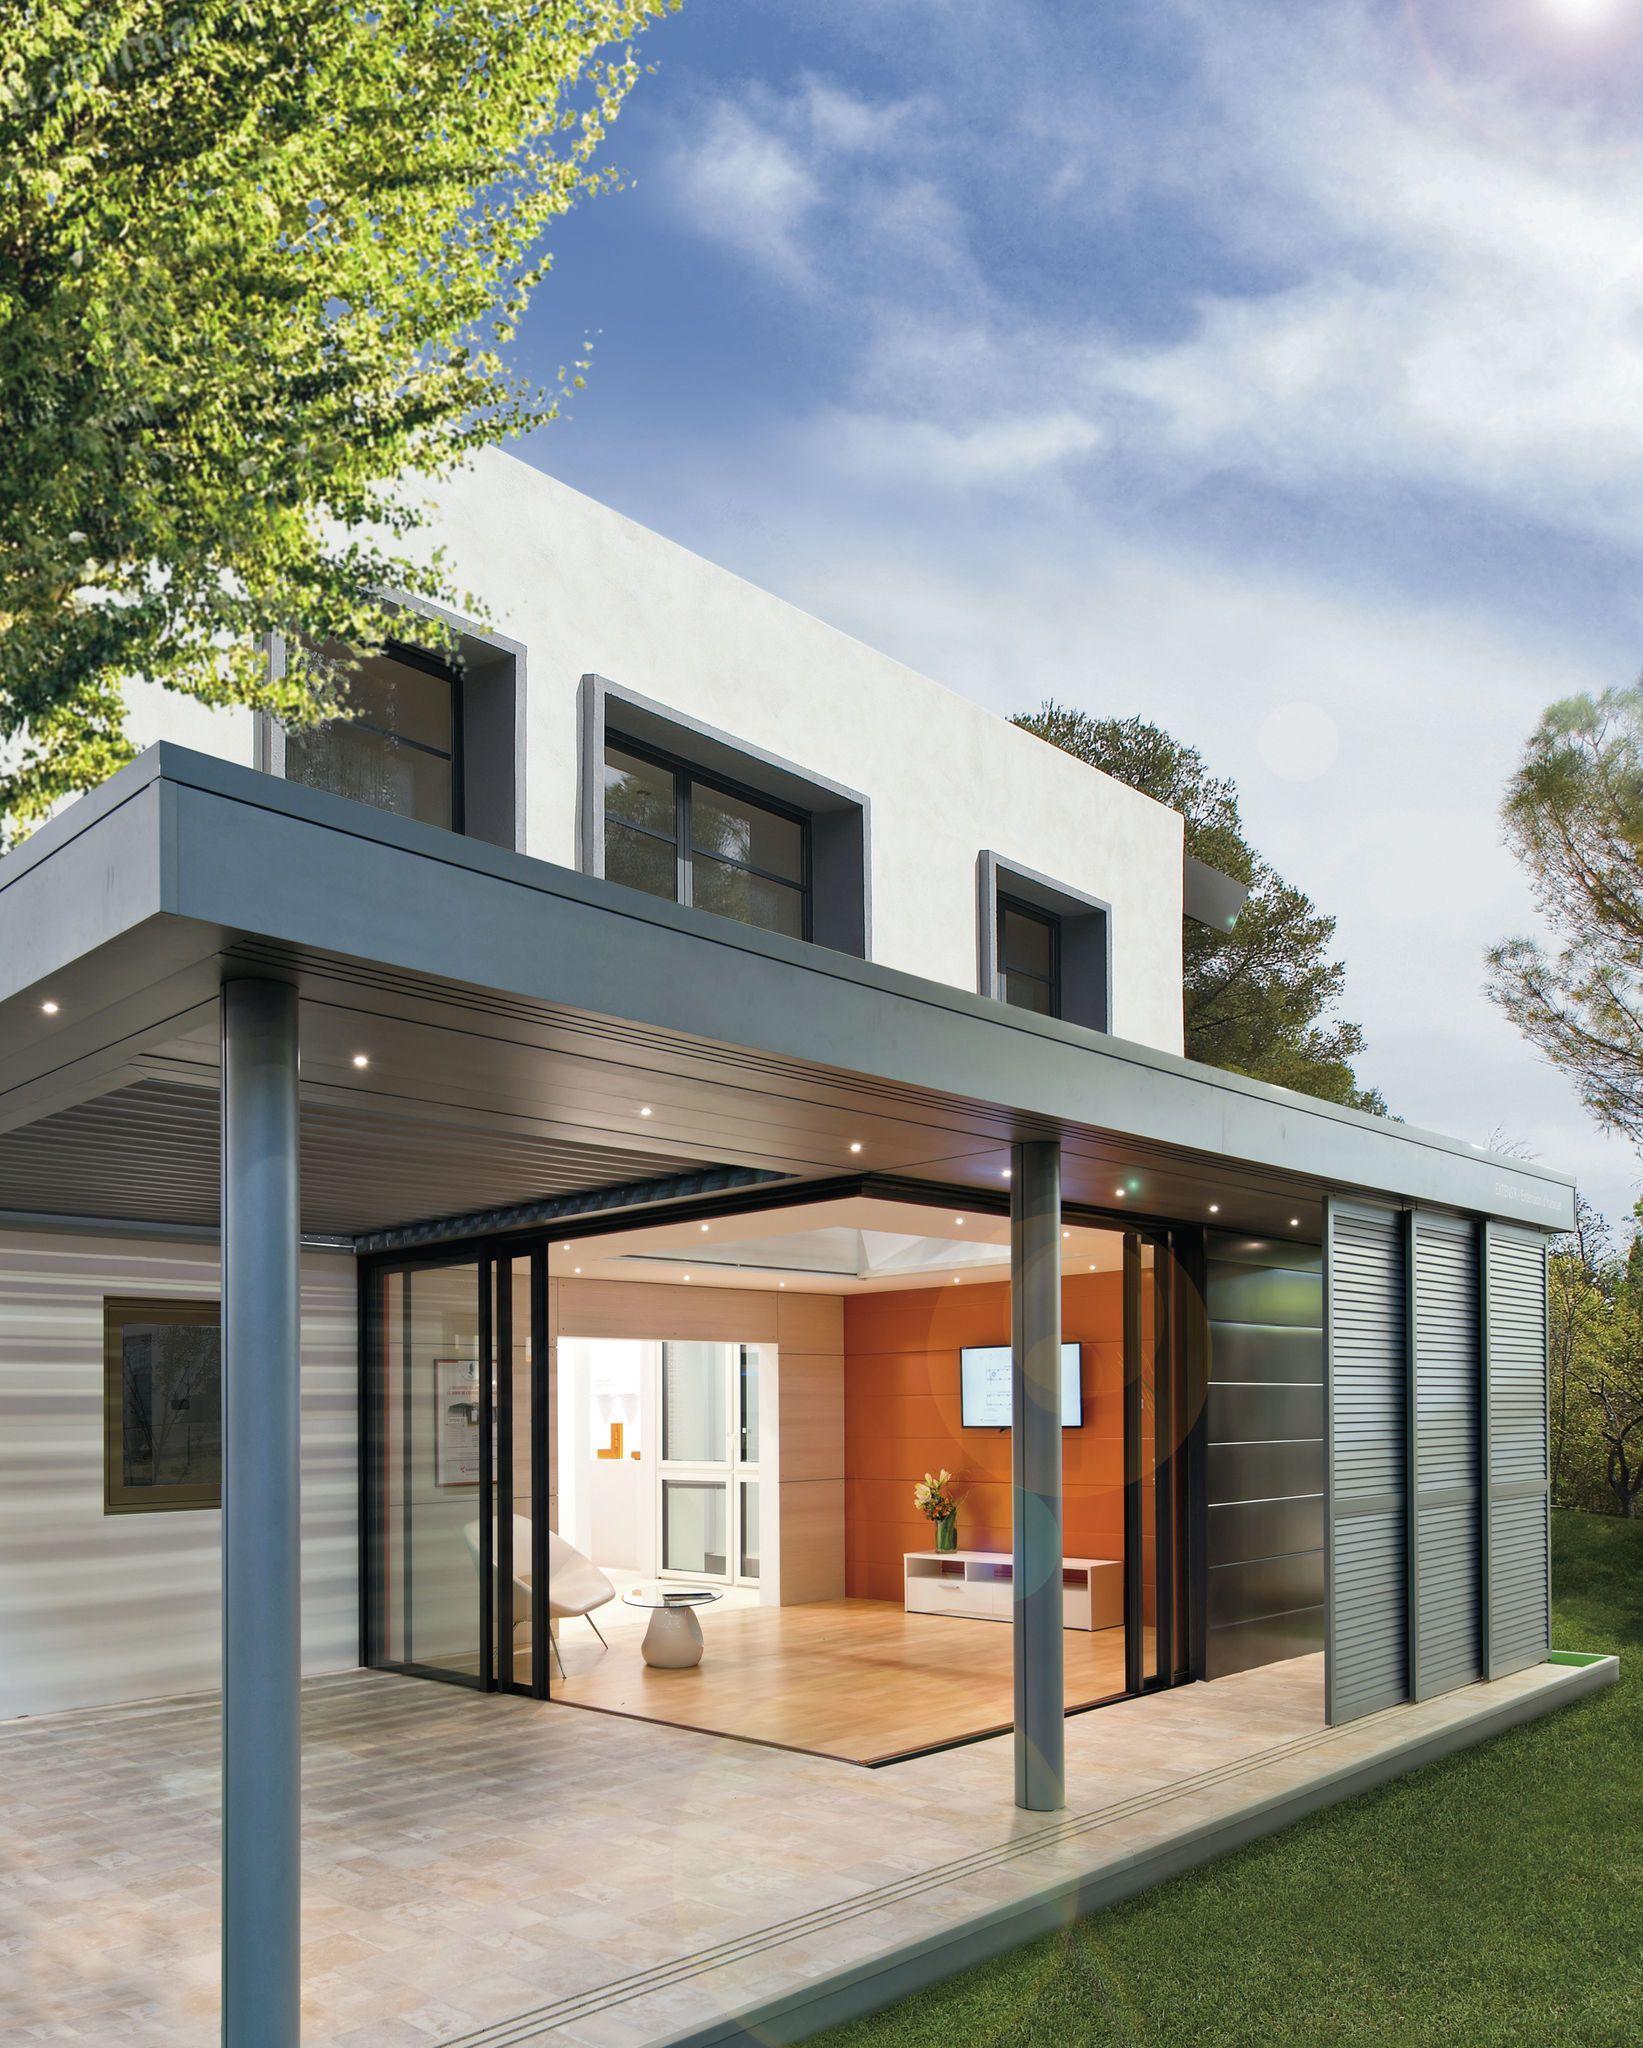 Extension Maison Terrasse Couverte extension maison : 9 vérandas esthétiques et lumineuses